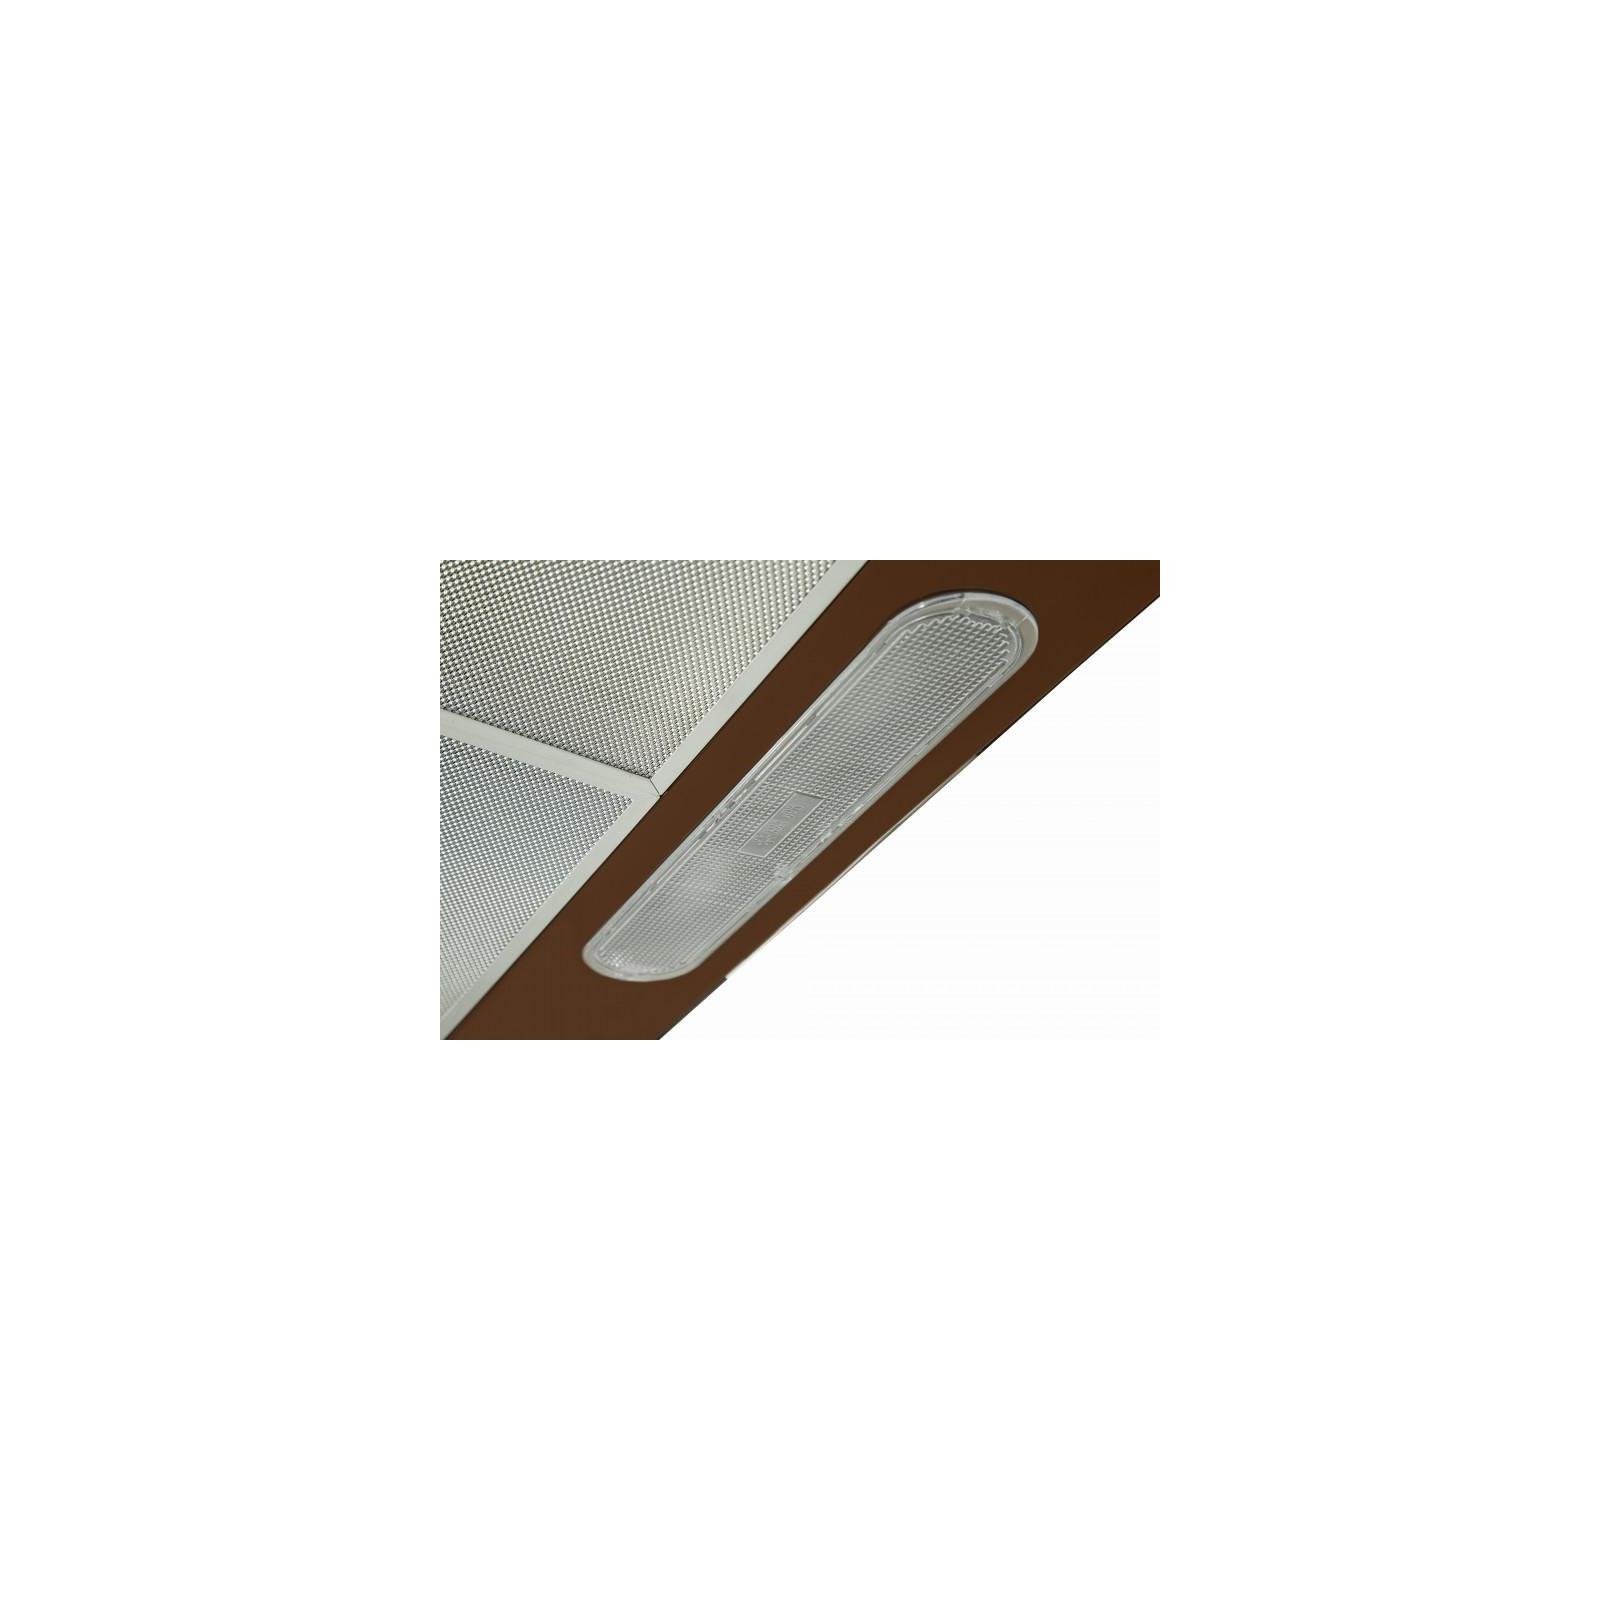 Вытяжка кухонная MINOLA HPL 6140 BR 630 изображение 6